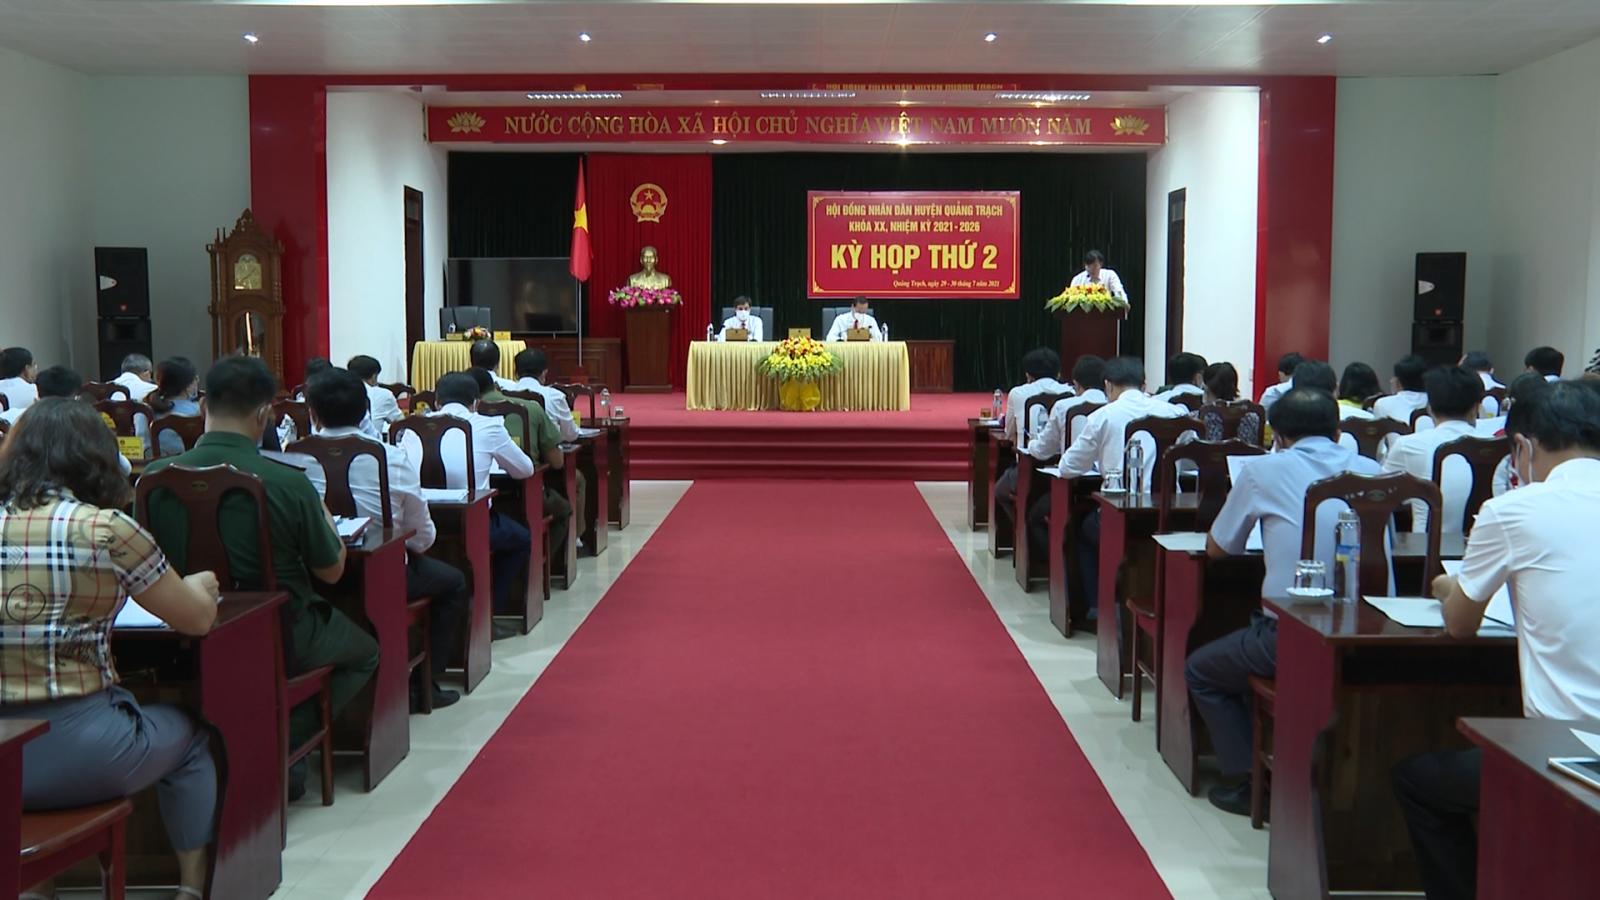 HĐND huyện Quảng Trạch tổ chức thành công kỳ họp thứ 2